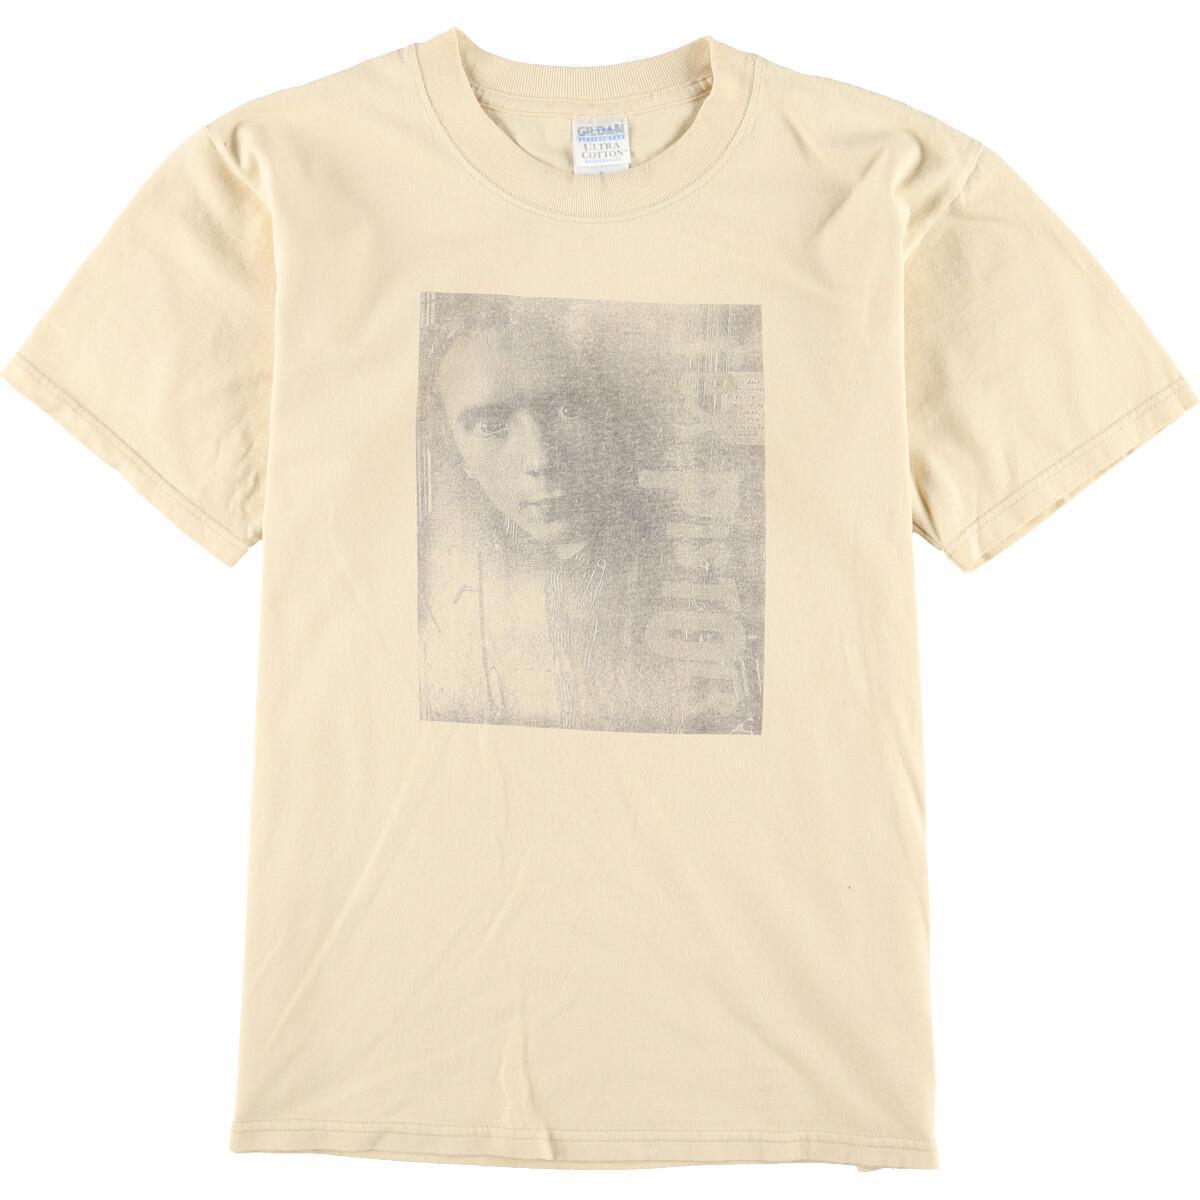 セックスピストルズ Tシャツ